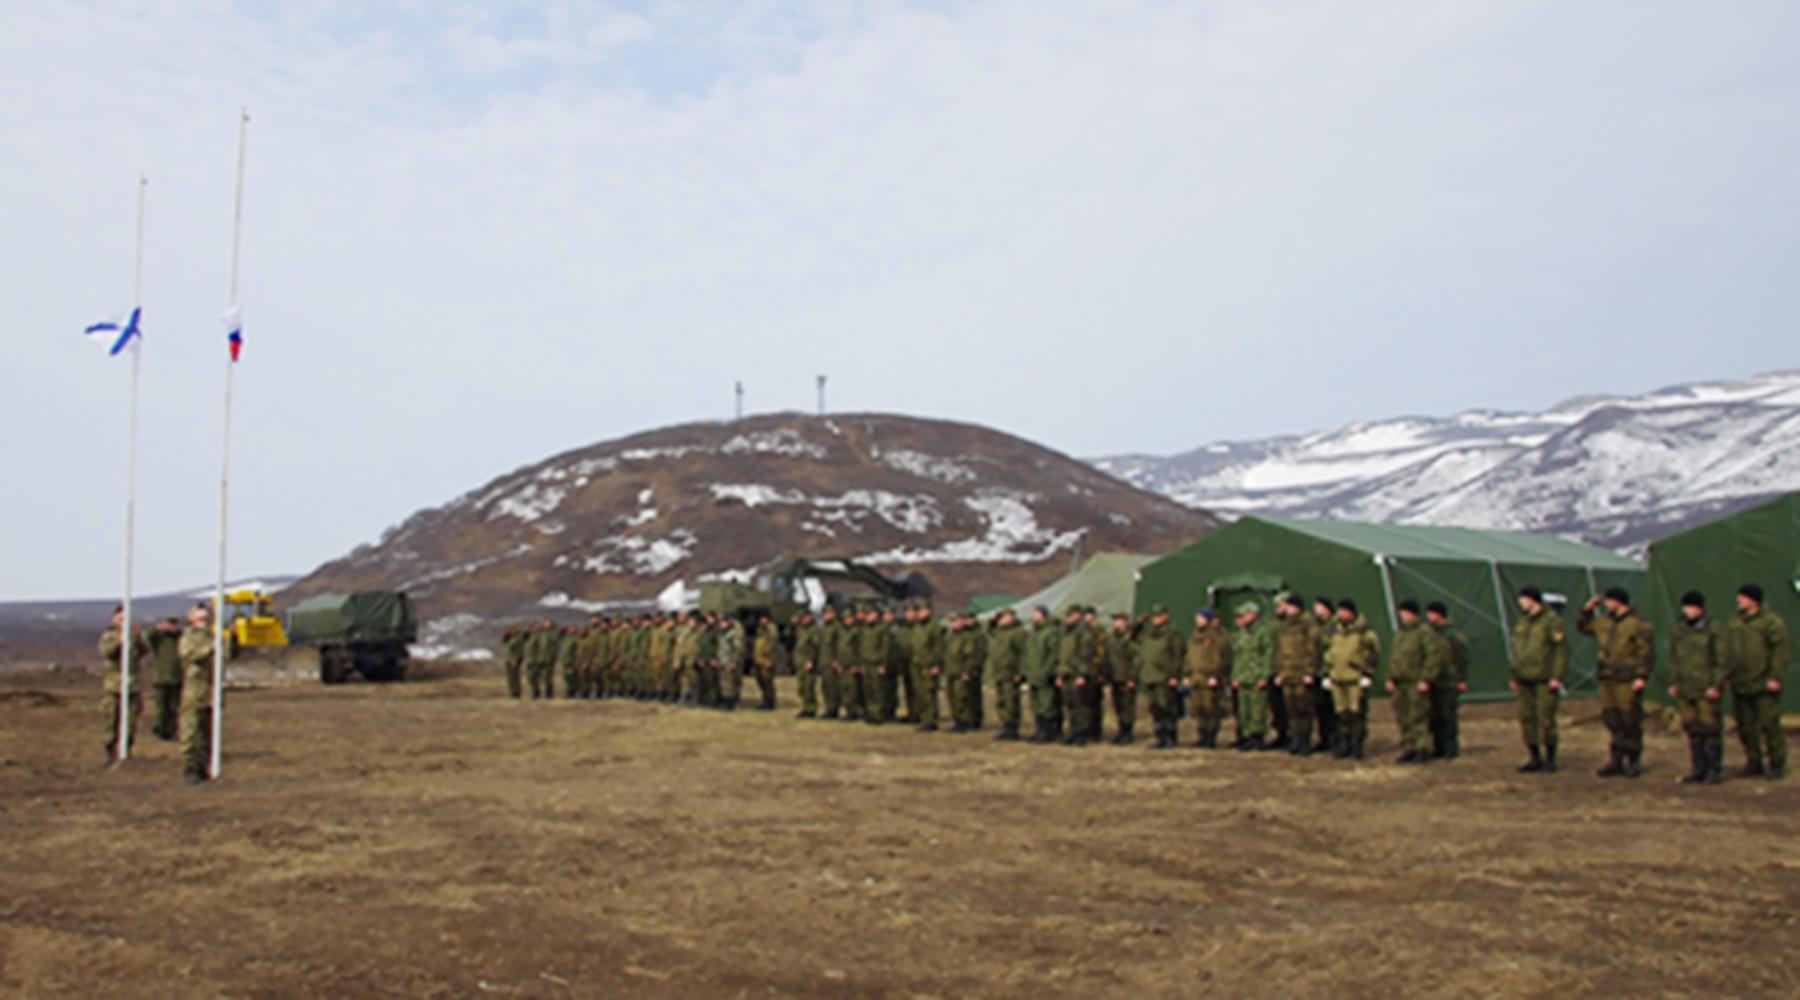 Дальневосточный форпост: зачем Россия решила построить базу на Курилах